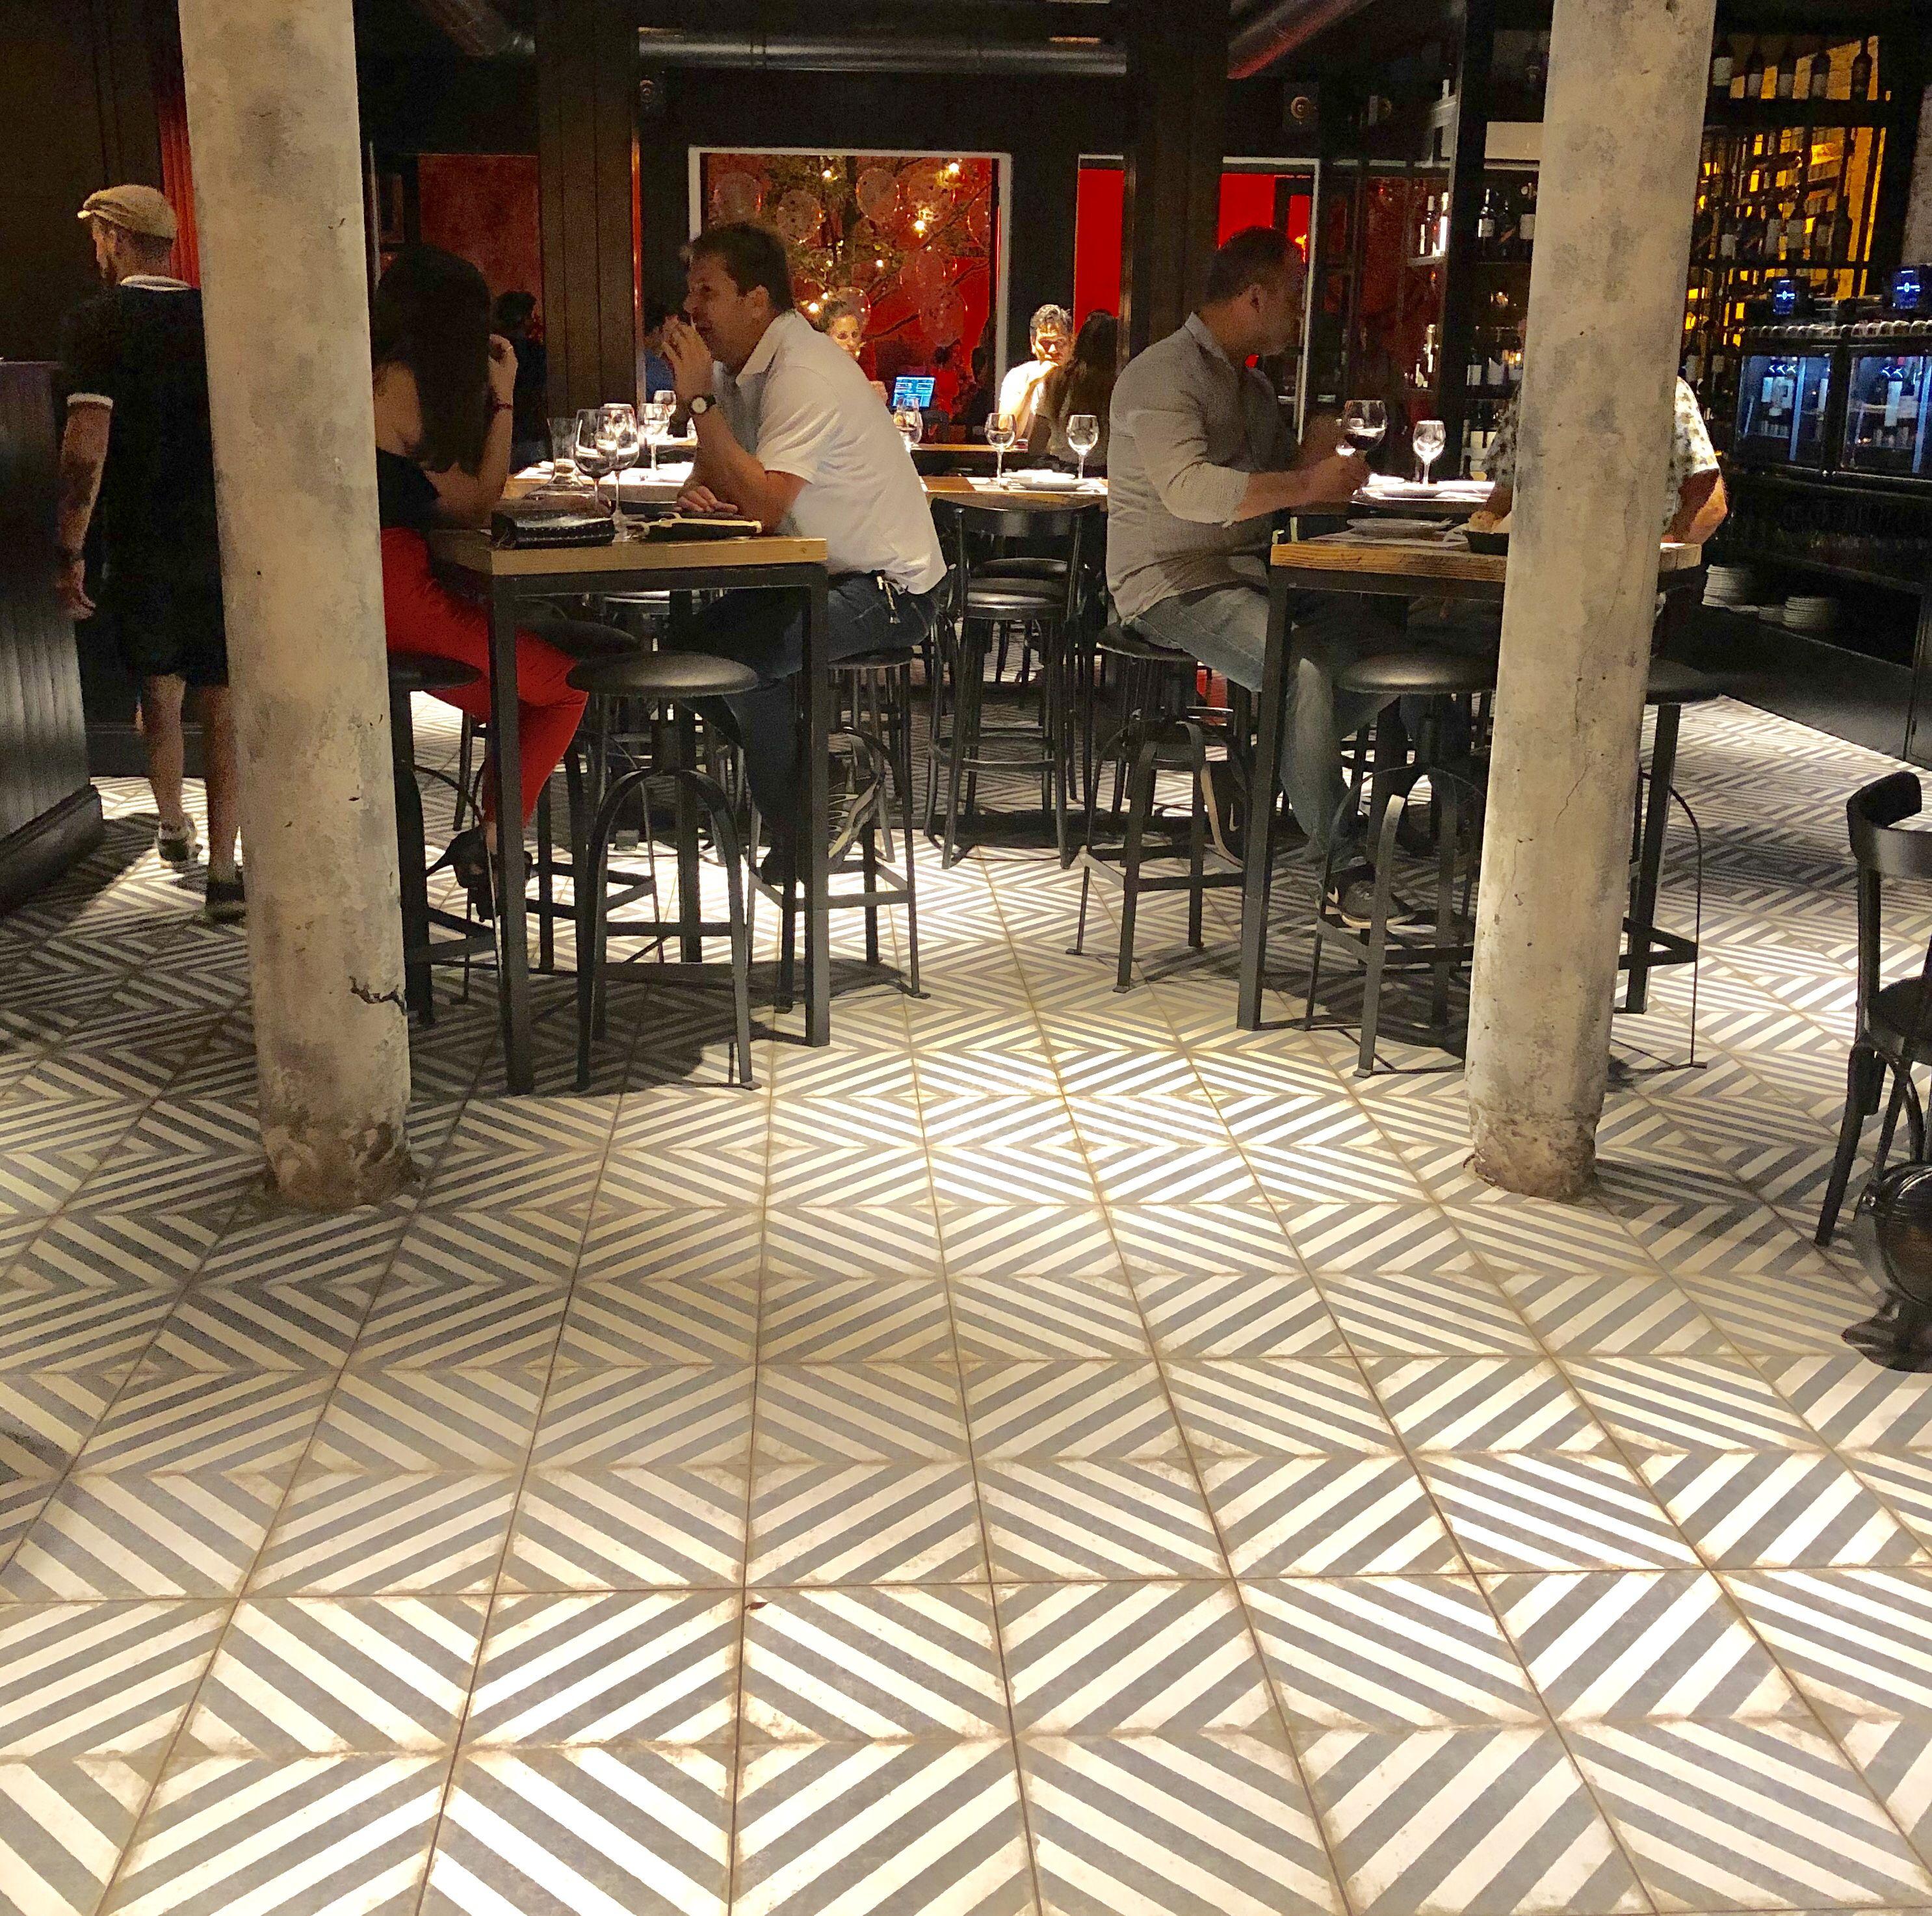 Ideas Cava Federal Bar De Vinos Cocinas Italianas Porcellanato